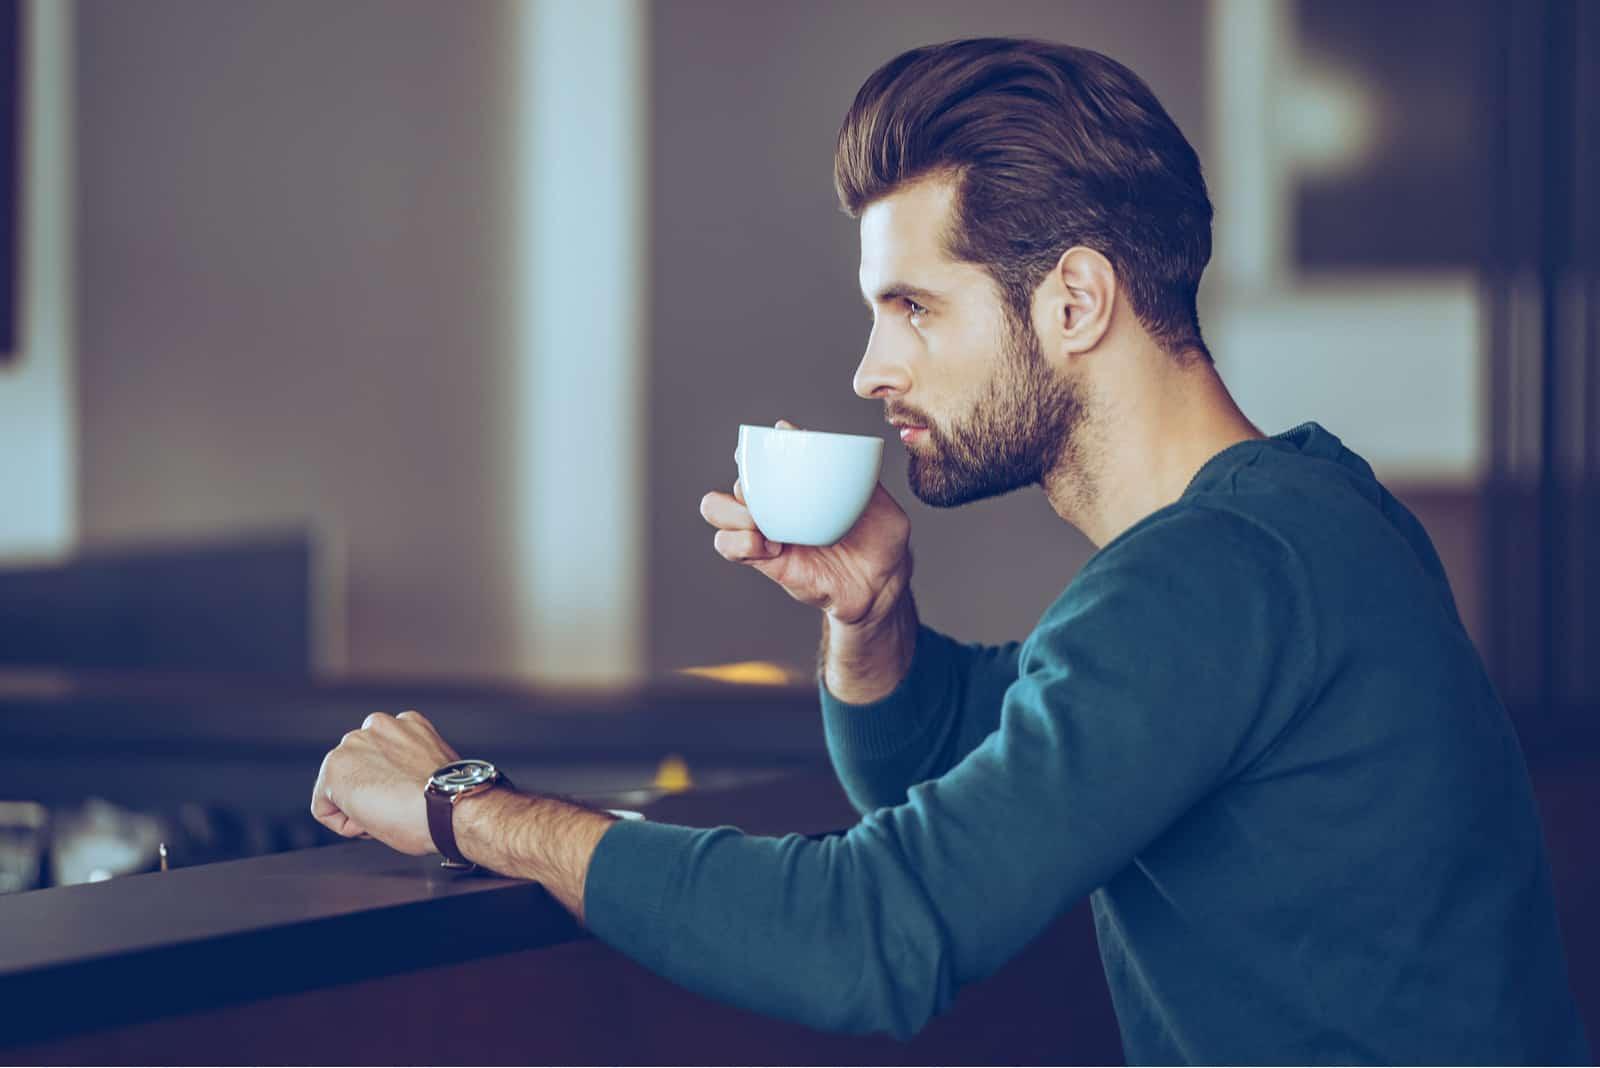 un homme est assis à une table et boit du café